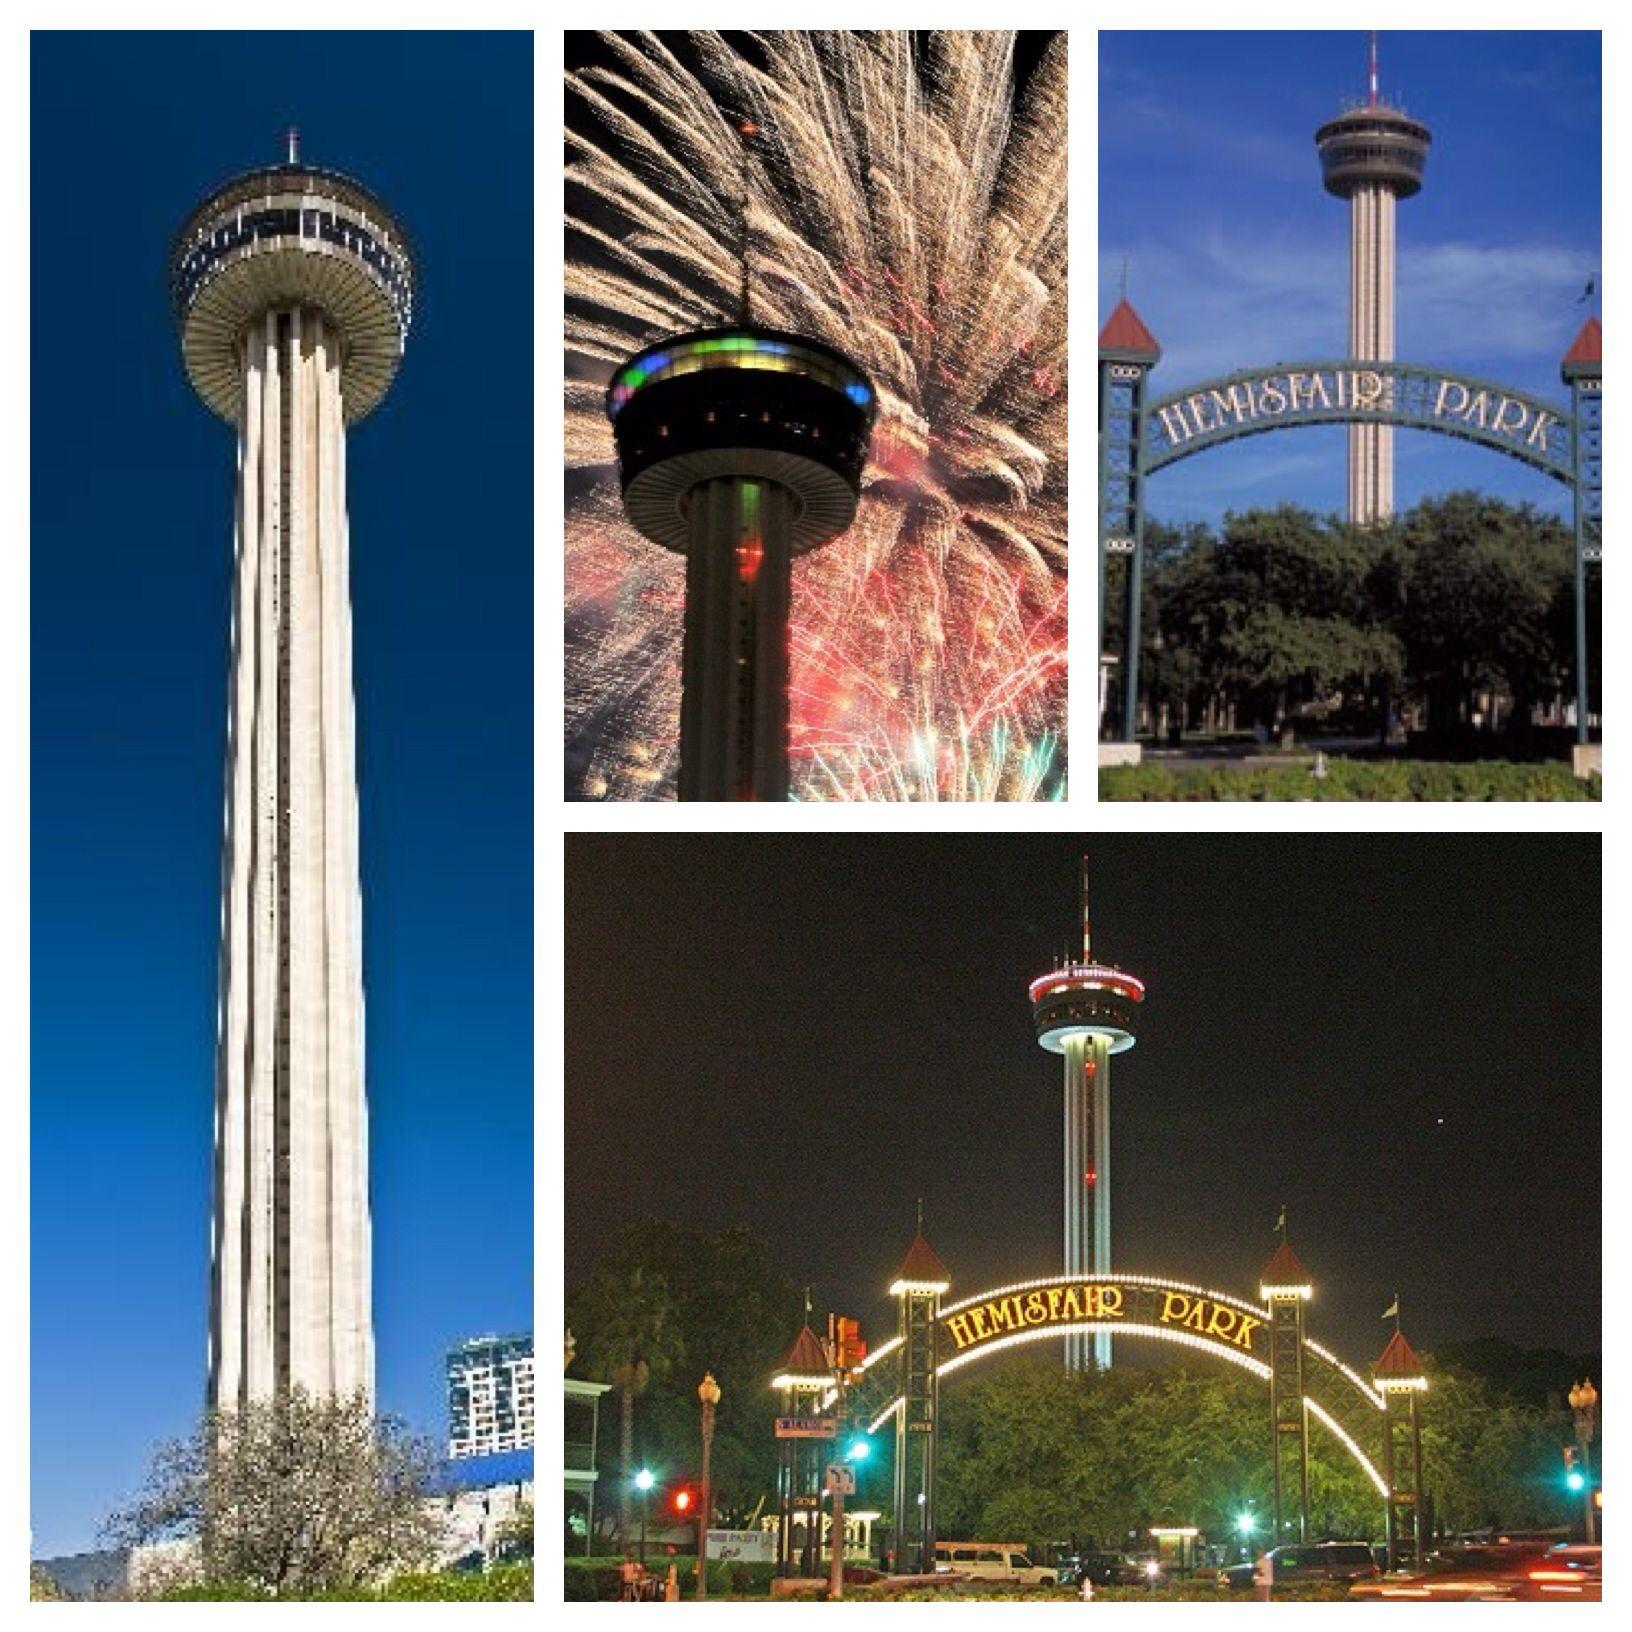 Hemisfair Park In Downtown San Antonio Was Built To Host